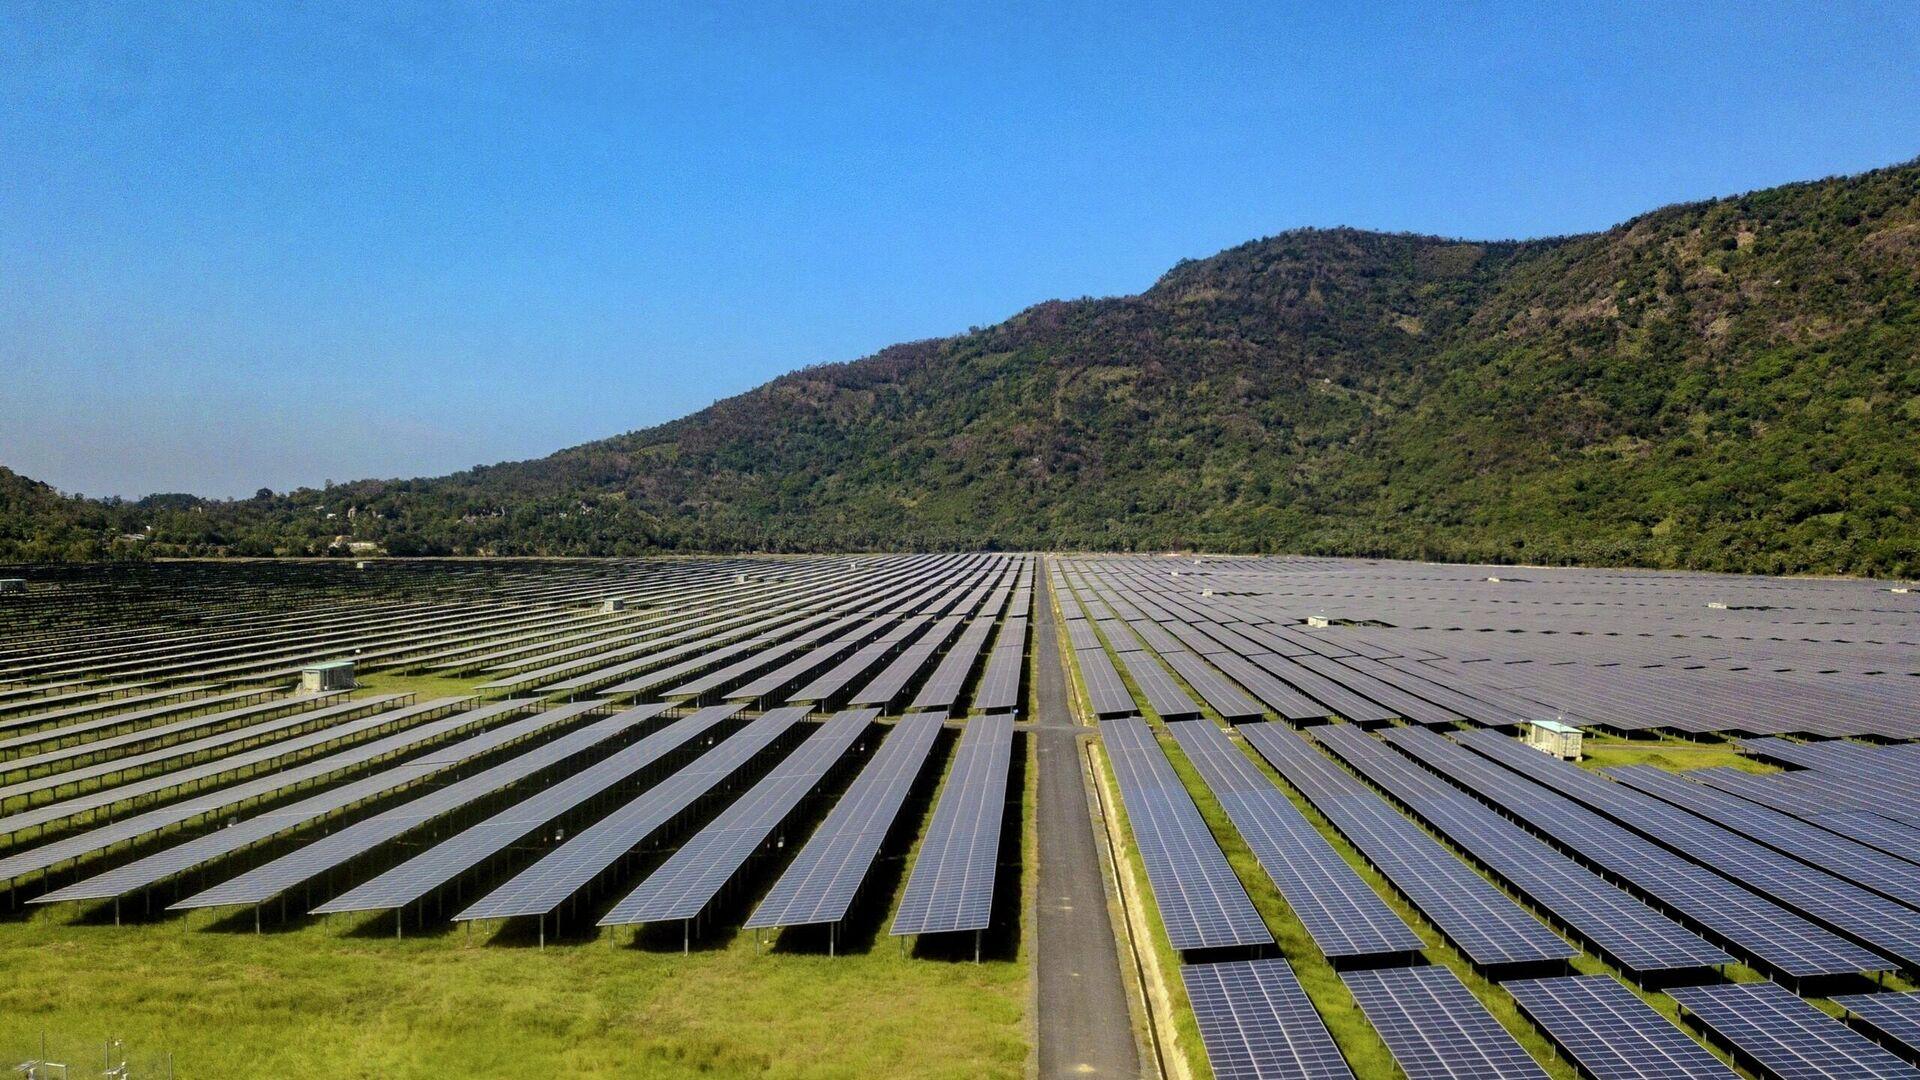 Nhà máy điện mặt trời Sao Mai - An Giang với tổng công suất 210 MWp sẽ đóng góp gần 400 triệu kWh mỗi năm cho lưới điện quốc gia  - Sputnik Việt Nam, 1920, 14.10.2021